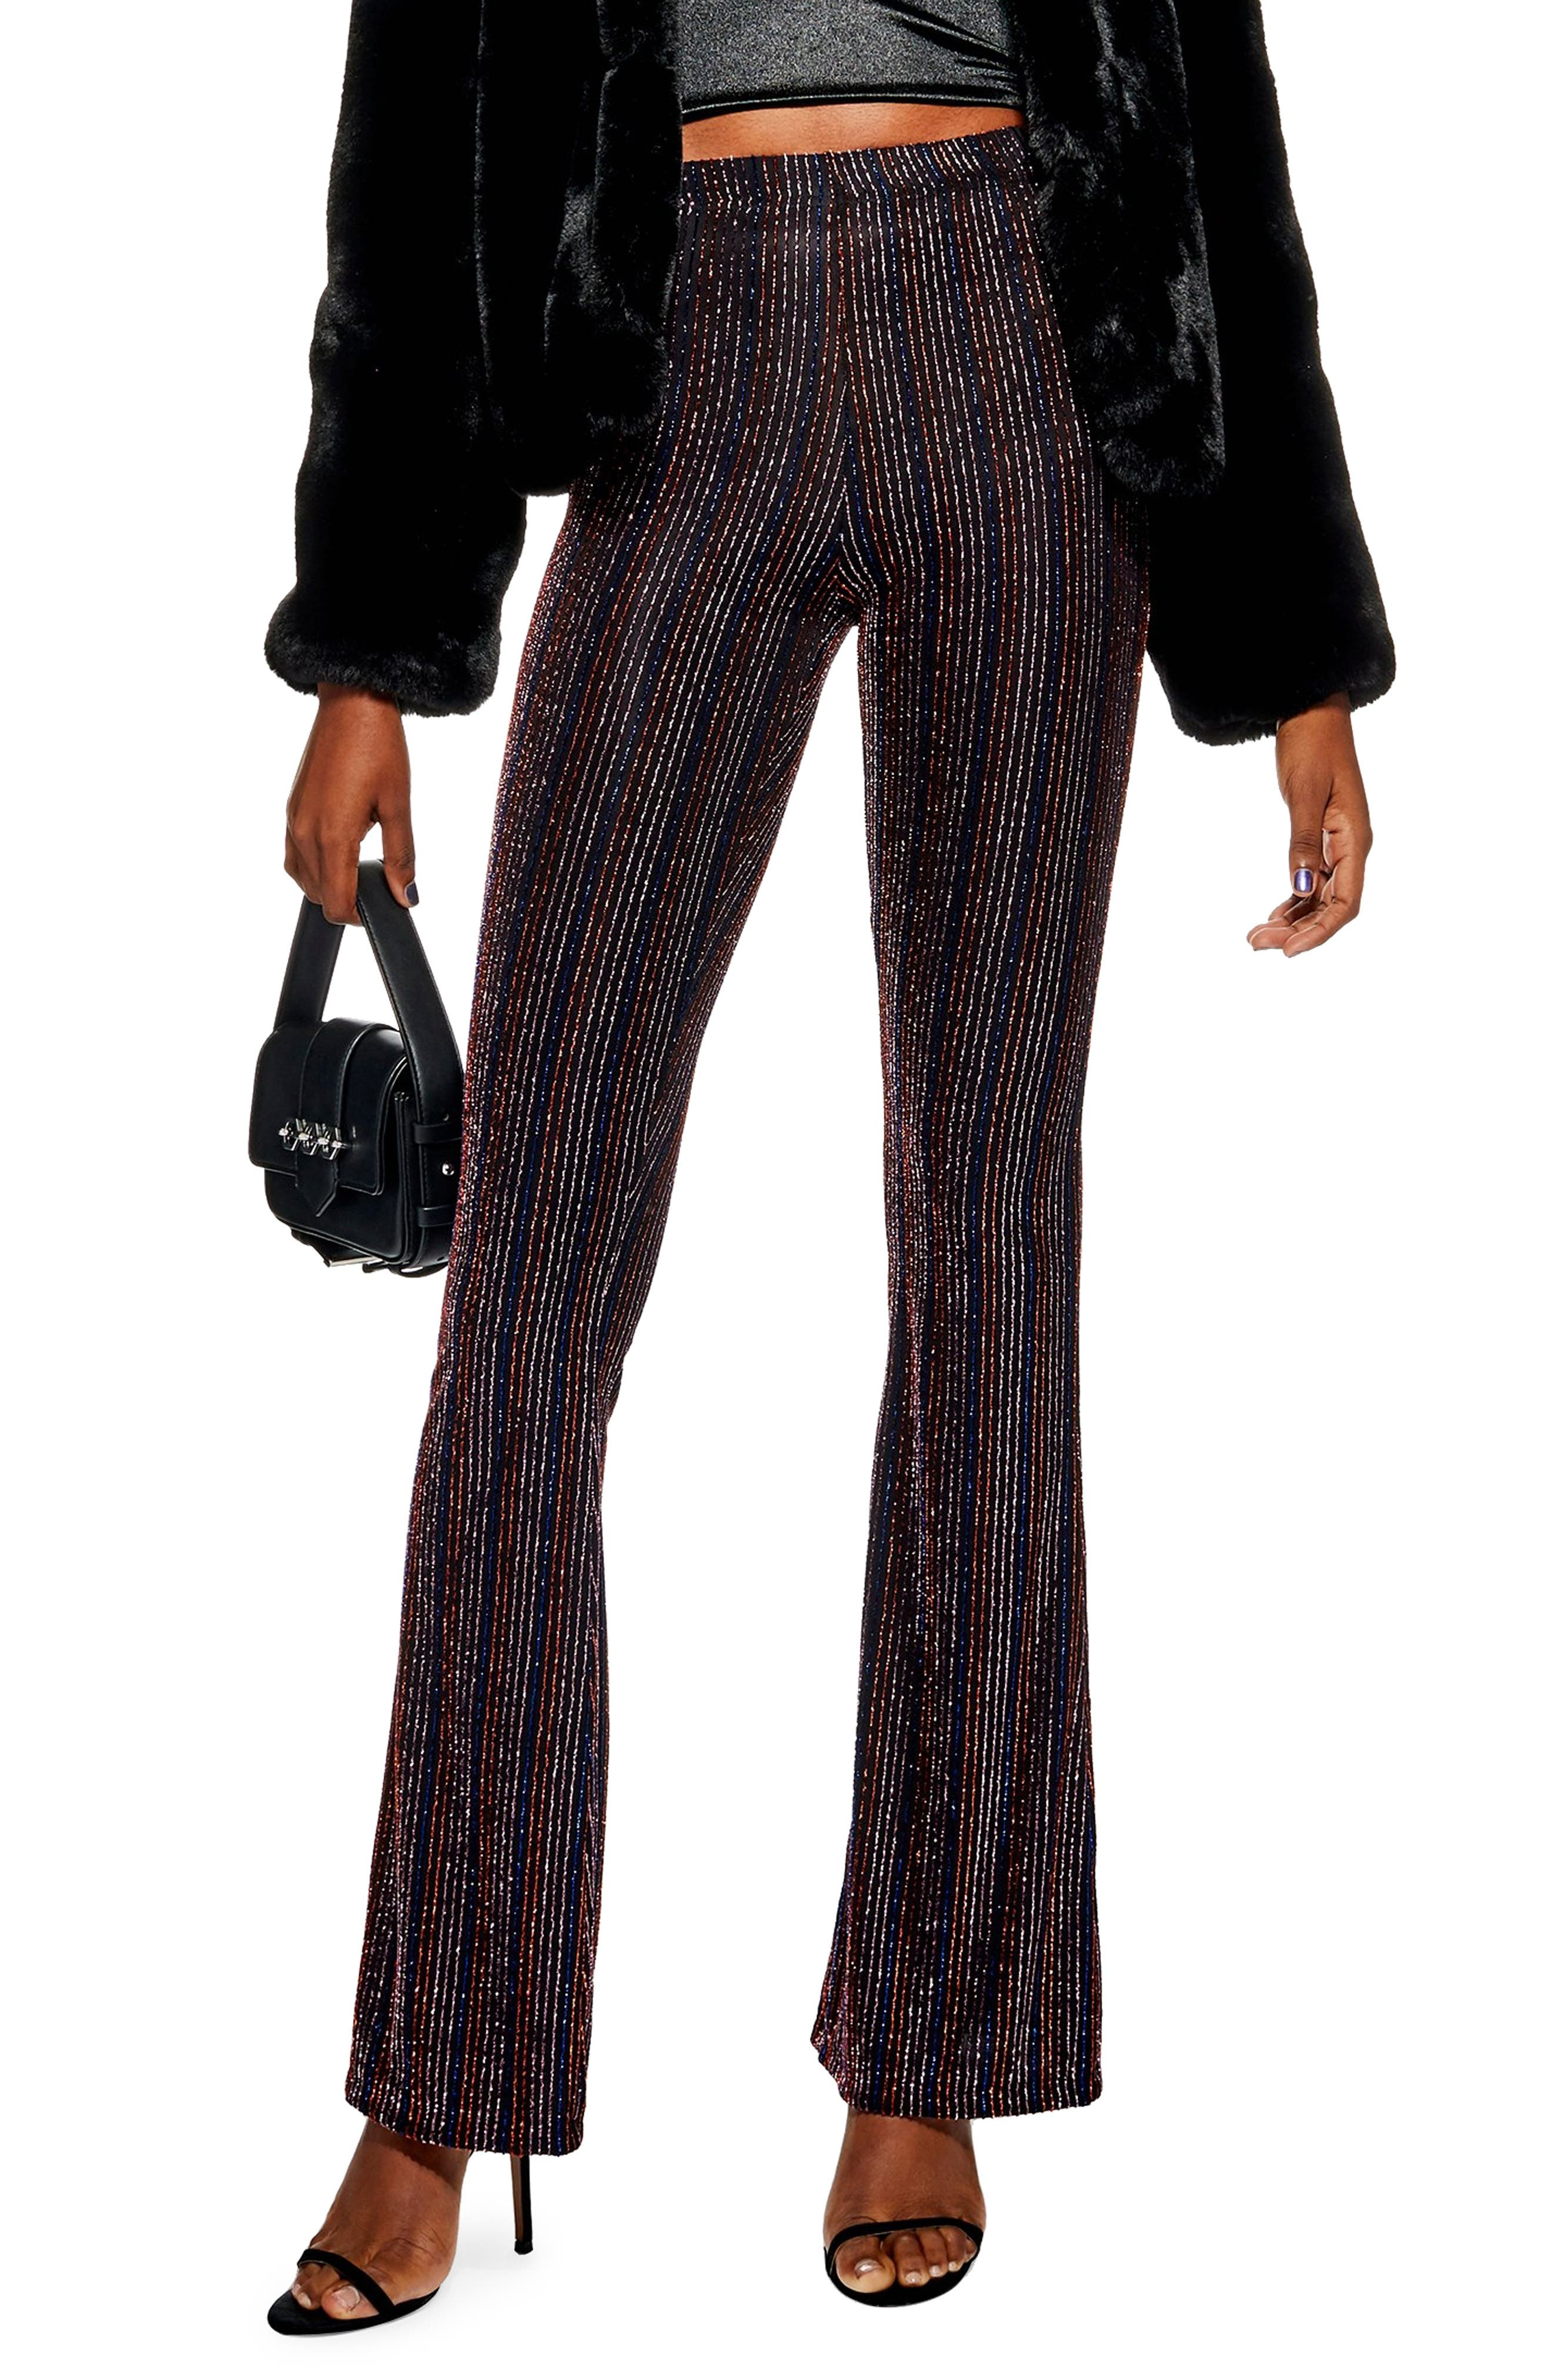 TOPSHOP, Glitter Stripe Flare Leg Pants, Main thumbnail 1, color, 001